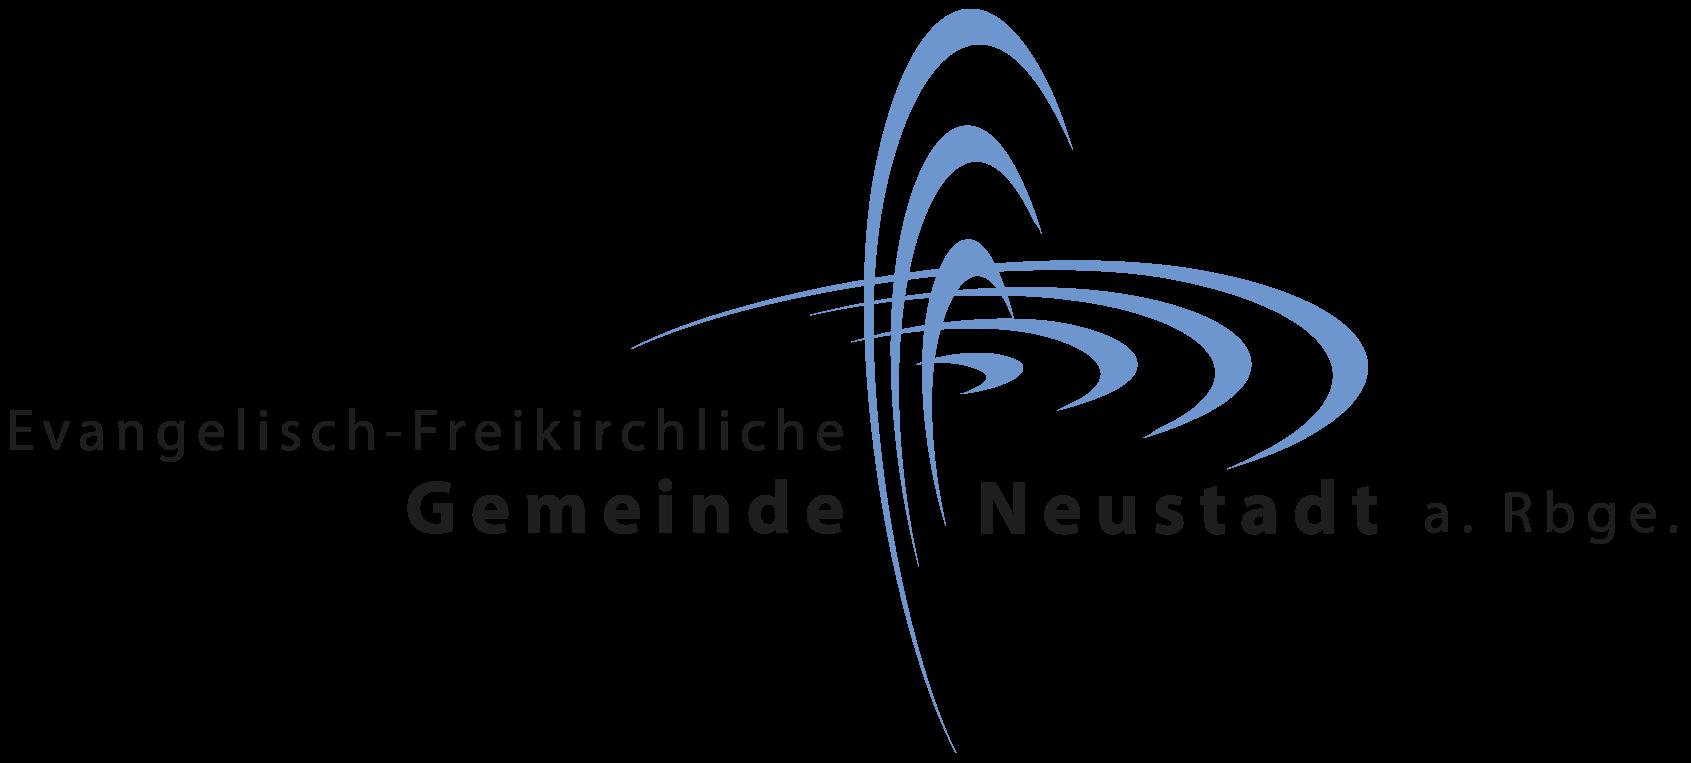 EFG-Neustadt